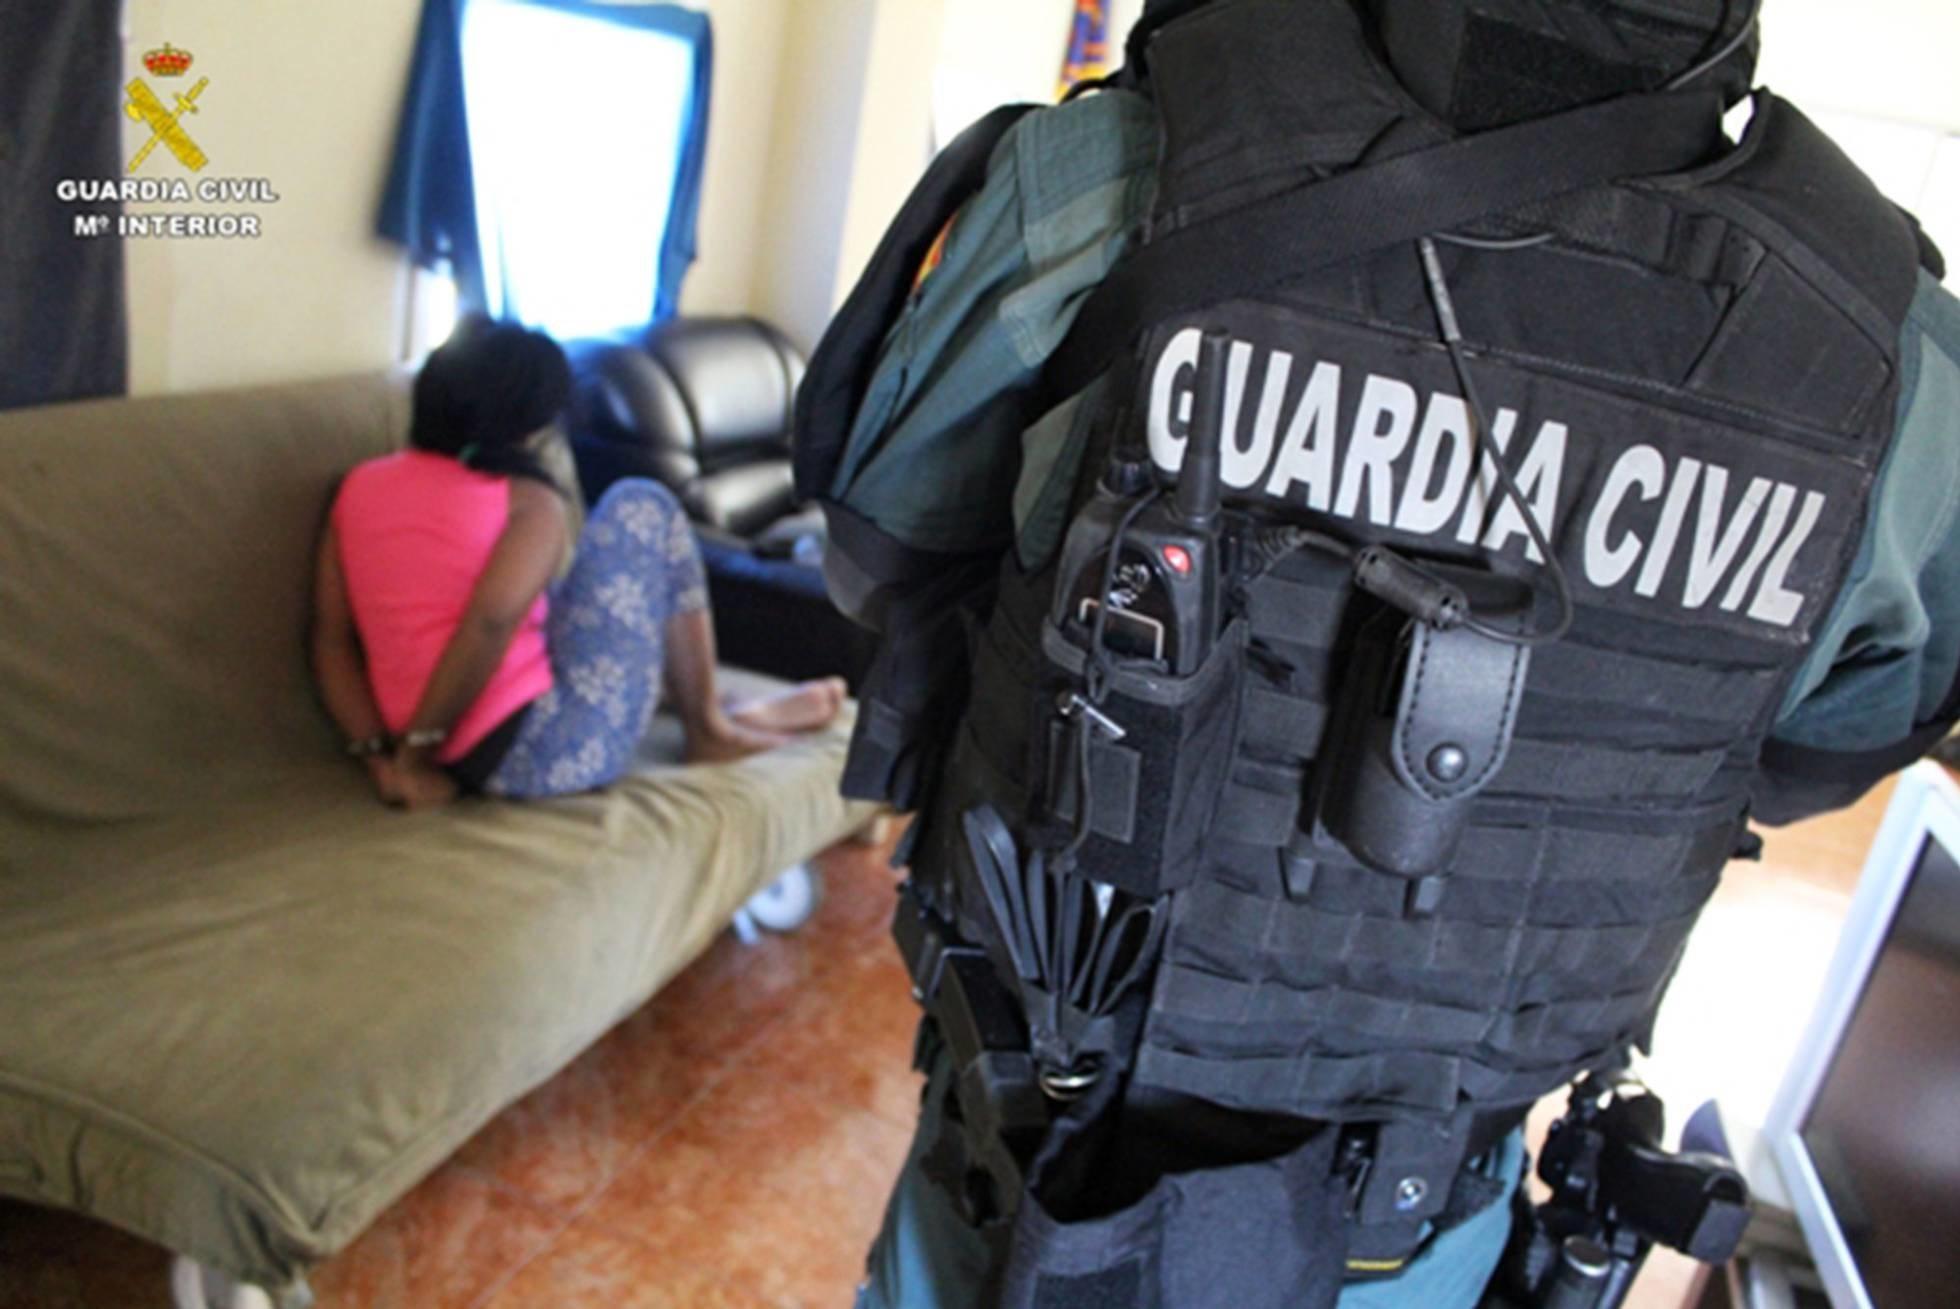 Los detenidos se negaron a declarar | Fuente: Guardia Civil